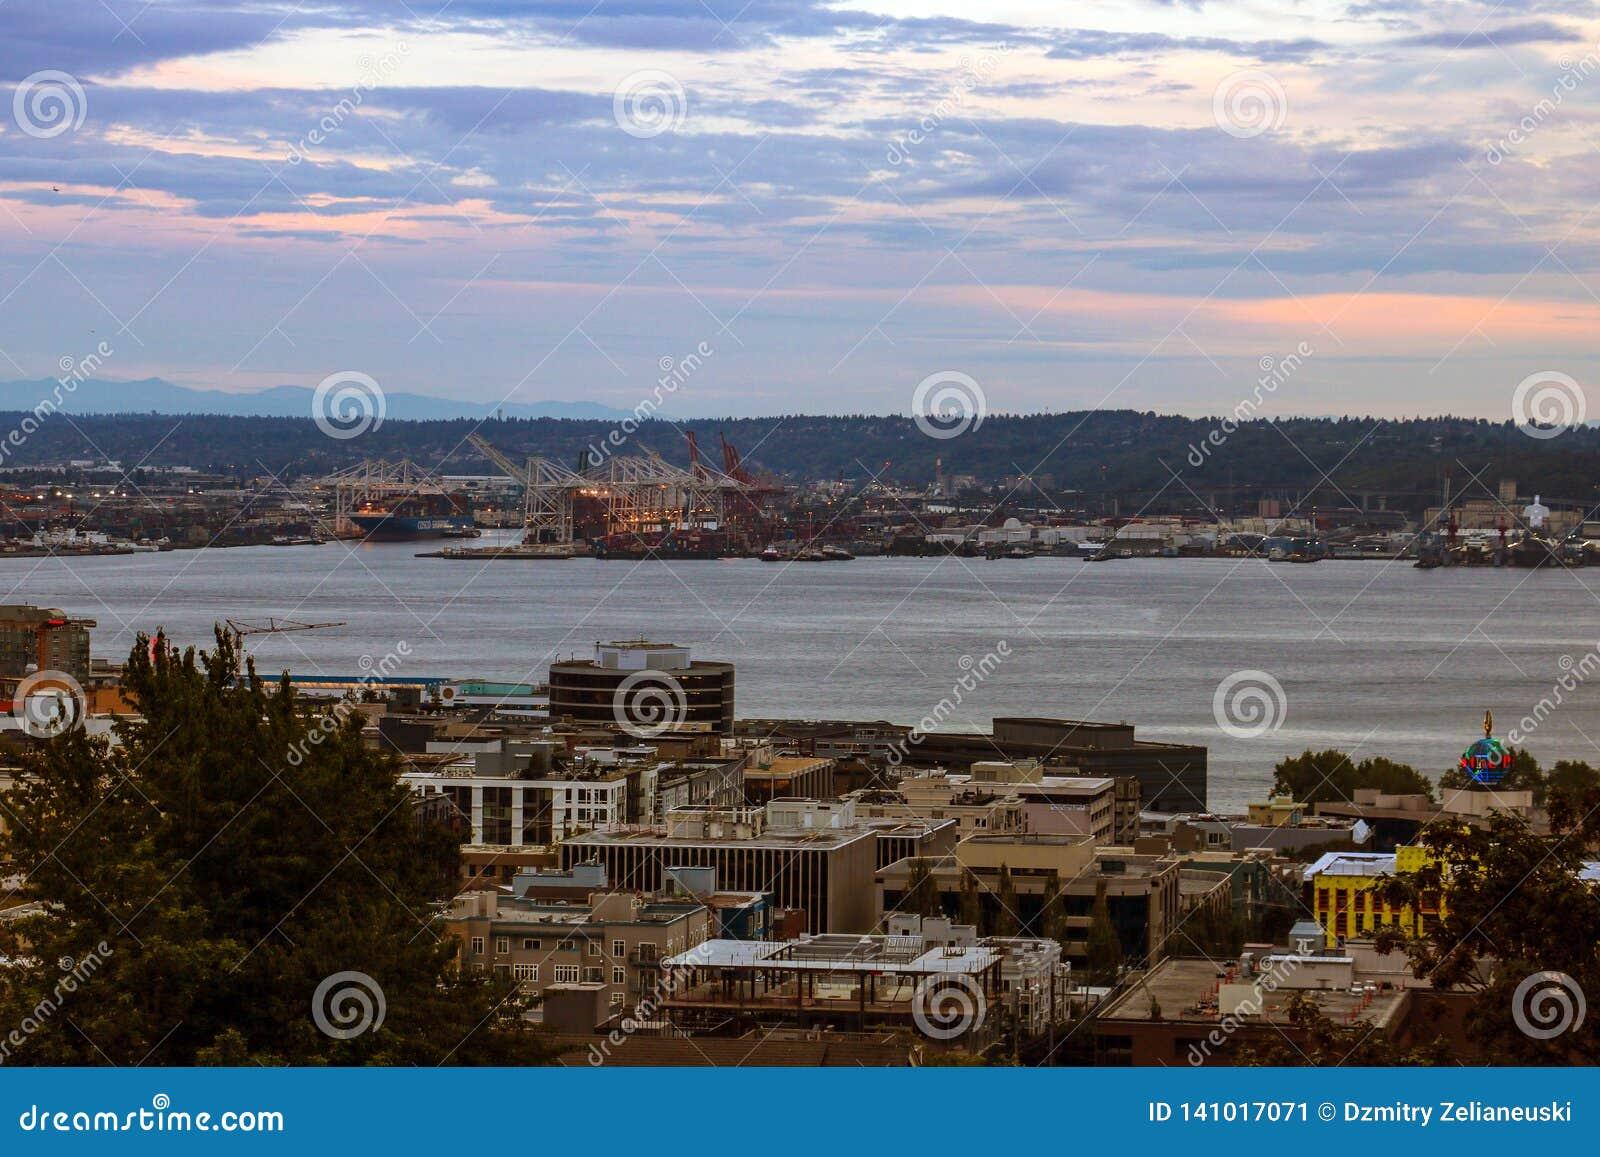 Seattle, USA, am 31. August 2018: Ansicht von Seattle und von Hafen von Kerry Park